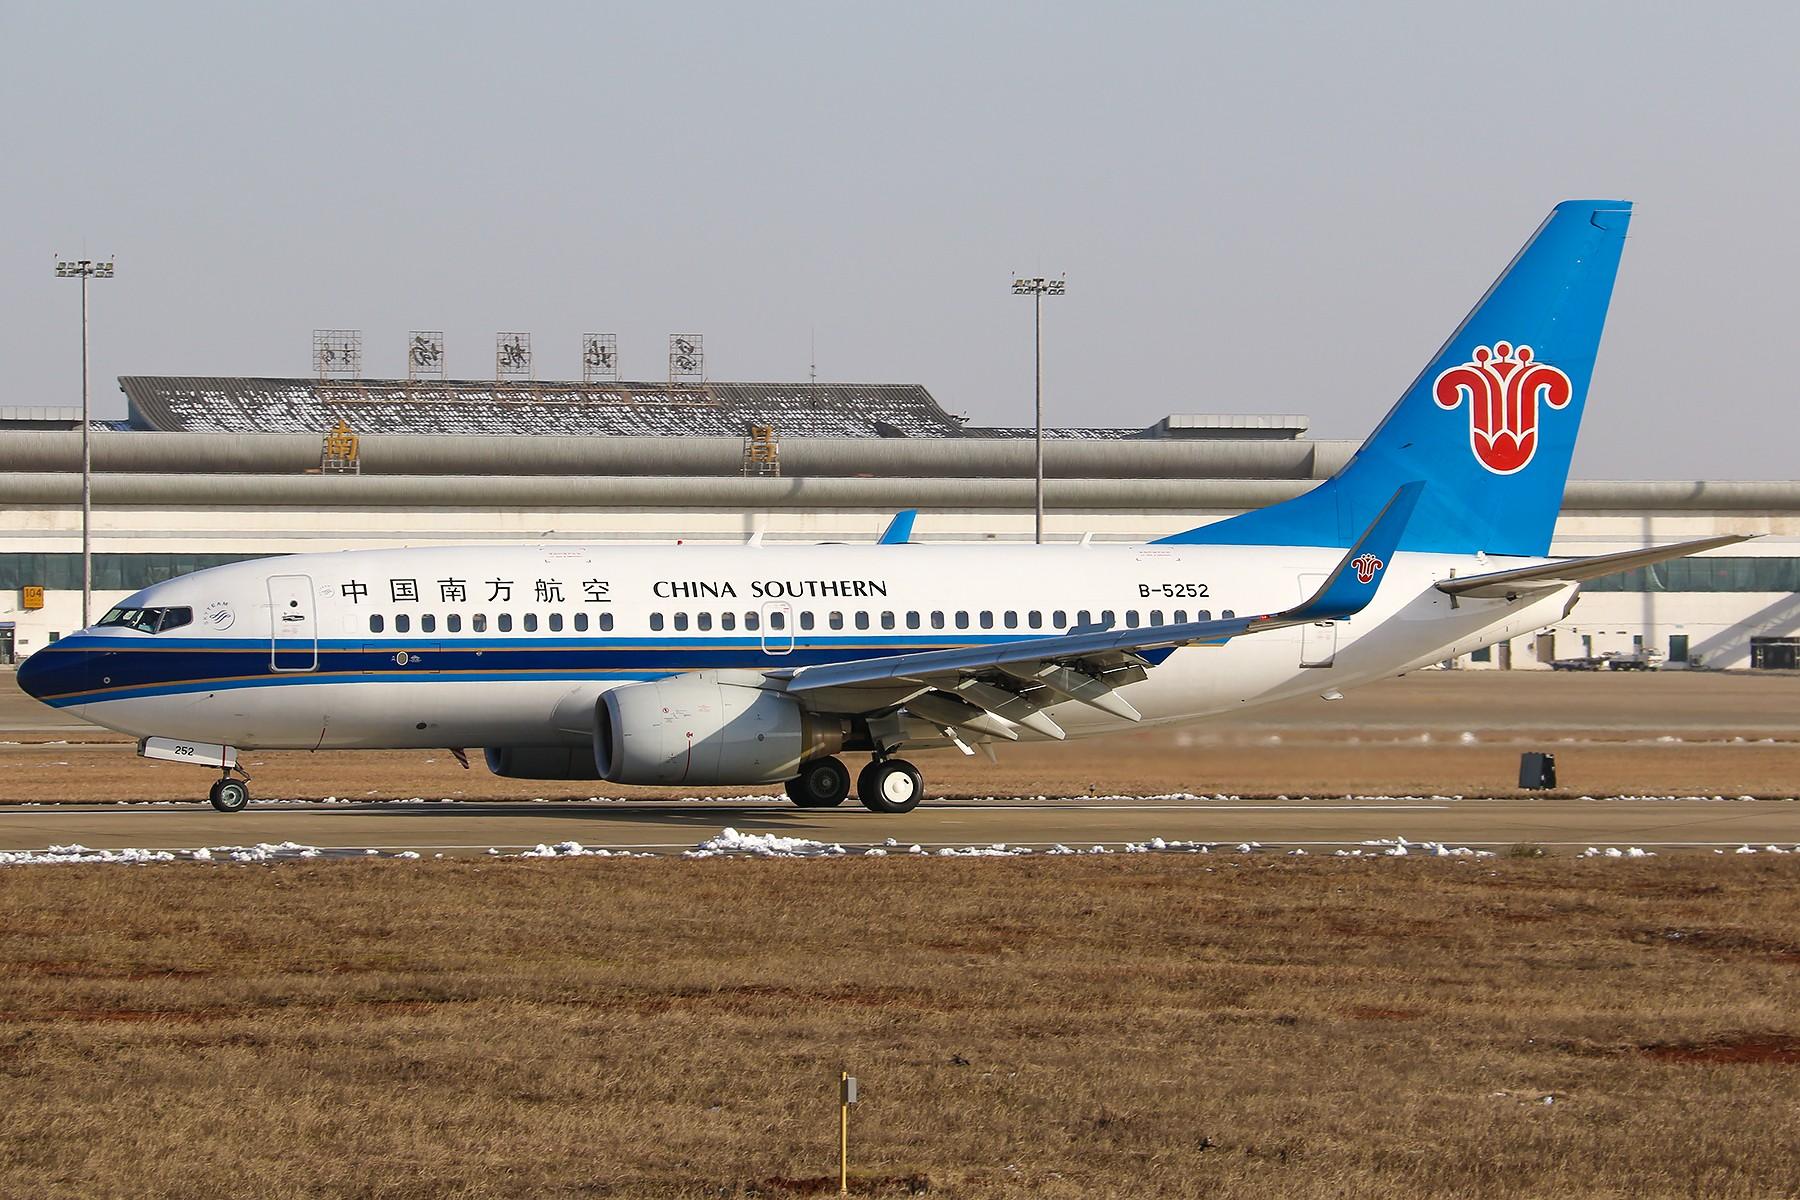 Re:*****【南昌飞友会】紧凑才好看:南航737-700降落一组【1800*1200高清大图】***** BOEING 737-700 B-5252 中国南昌昌北国际机场